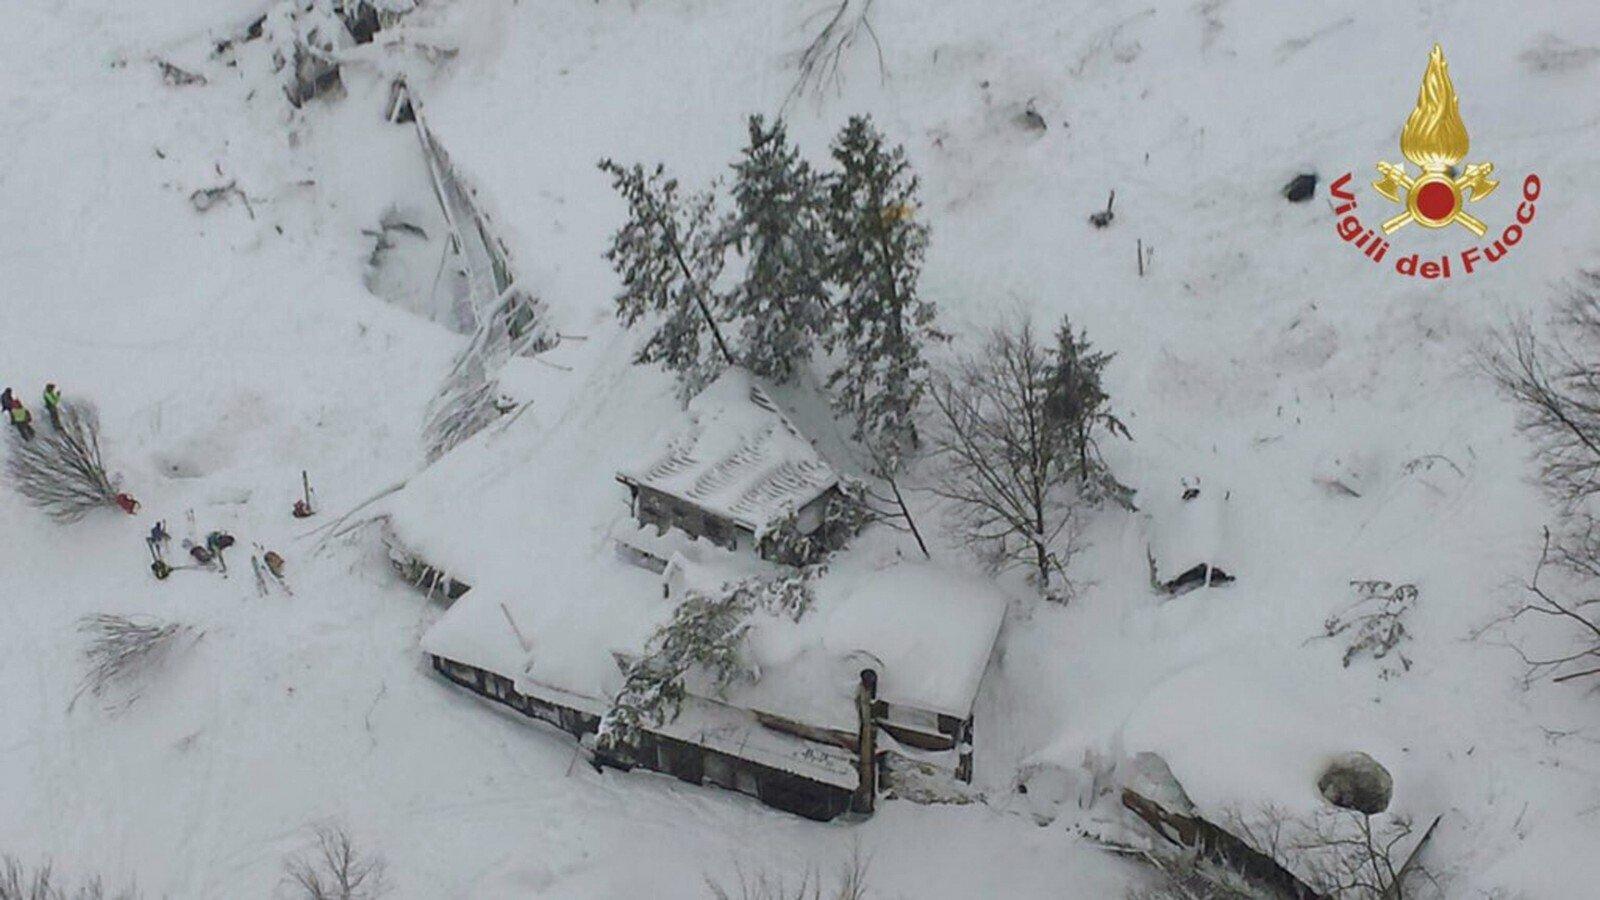 ВИталии наотель сошла снежная лавина: есть жертвы